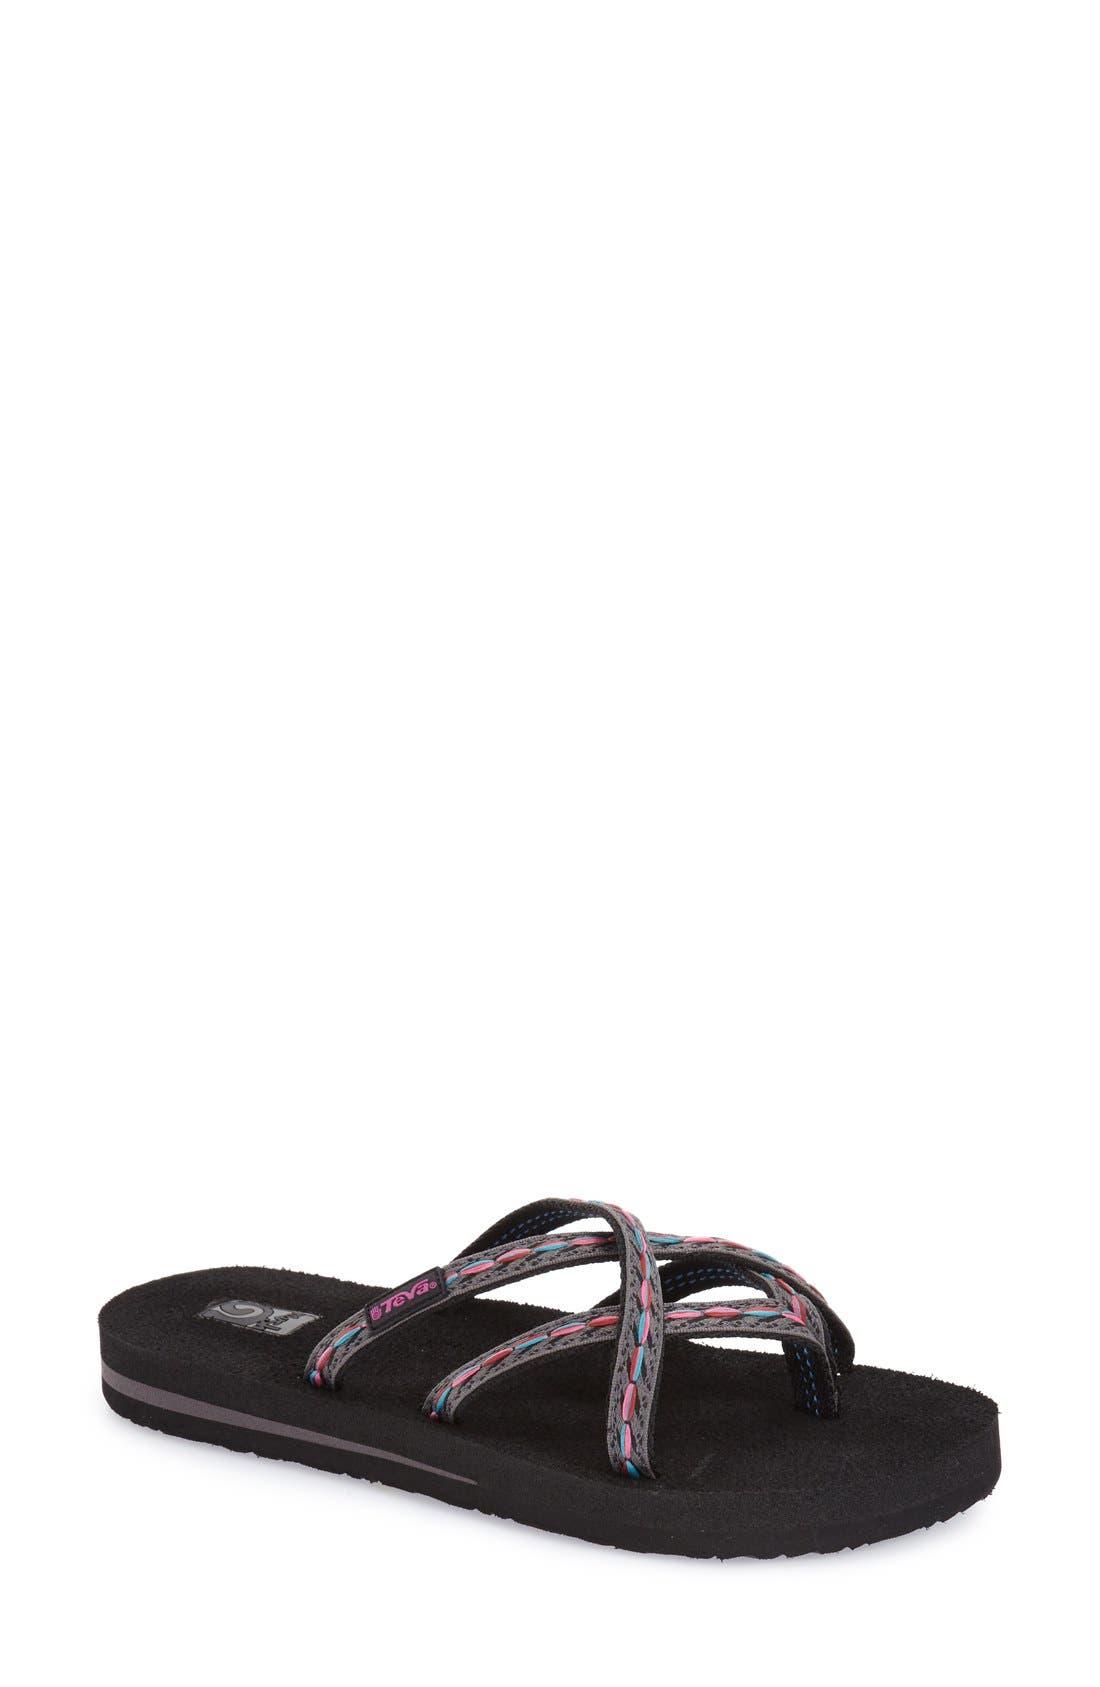 TEVA 'Olowahu' Sandal in Felicitas Black